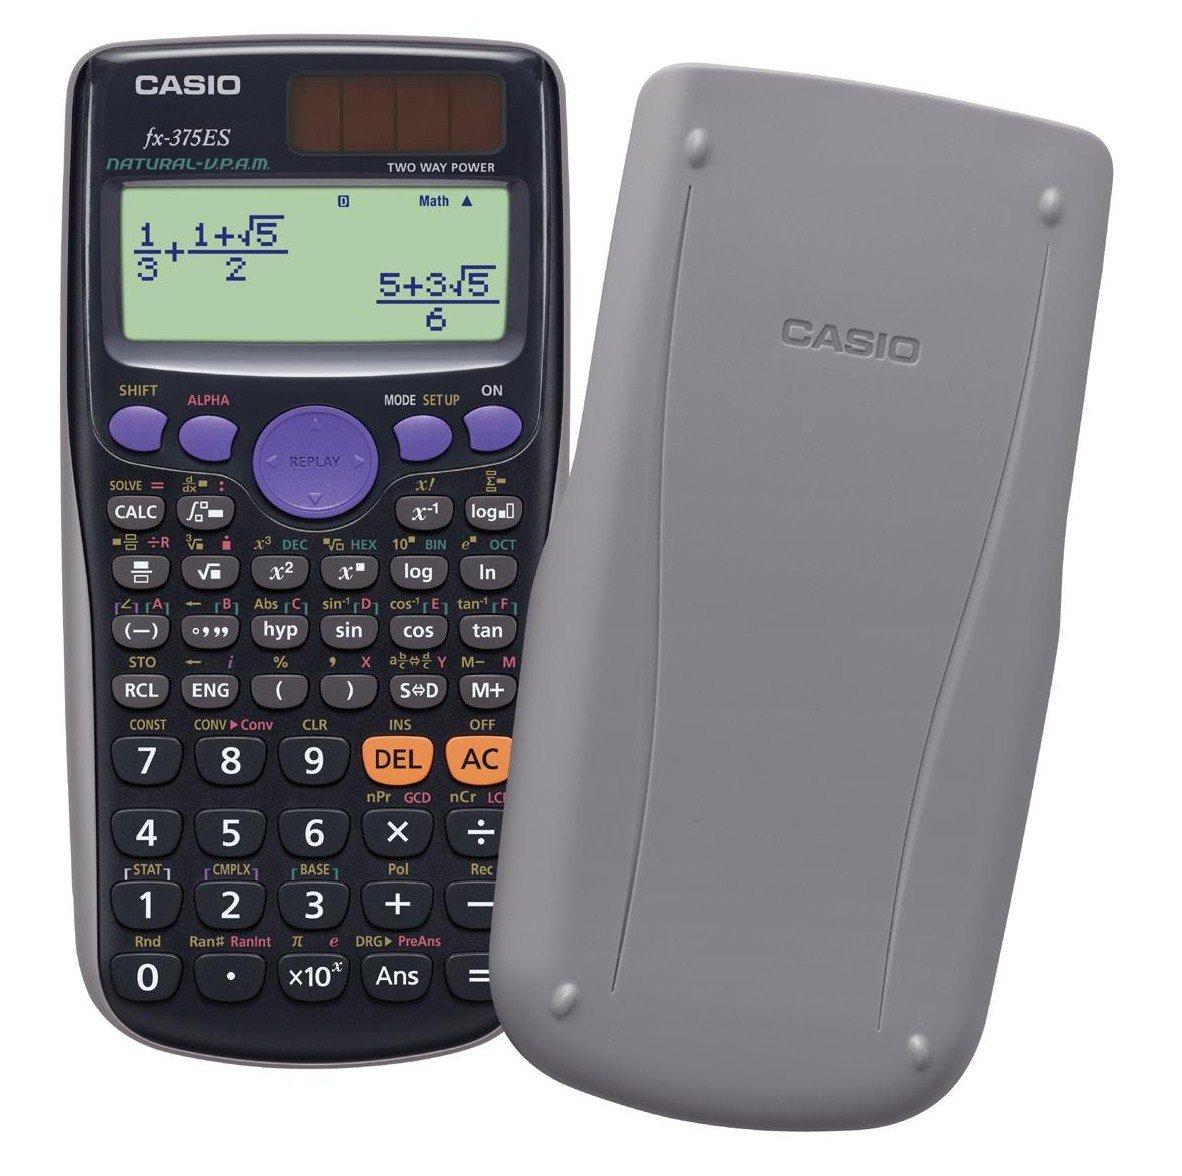 カシオ スタンダード関数電卓 fx-375ES-N